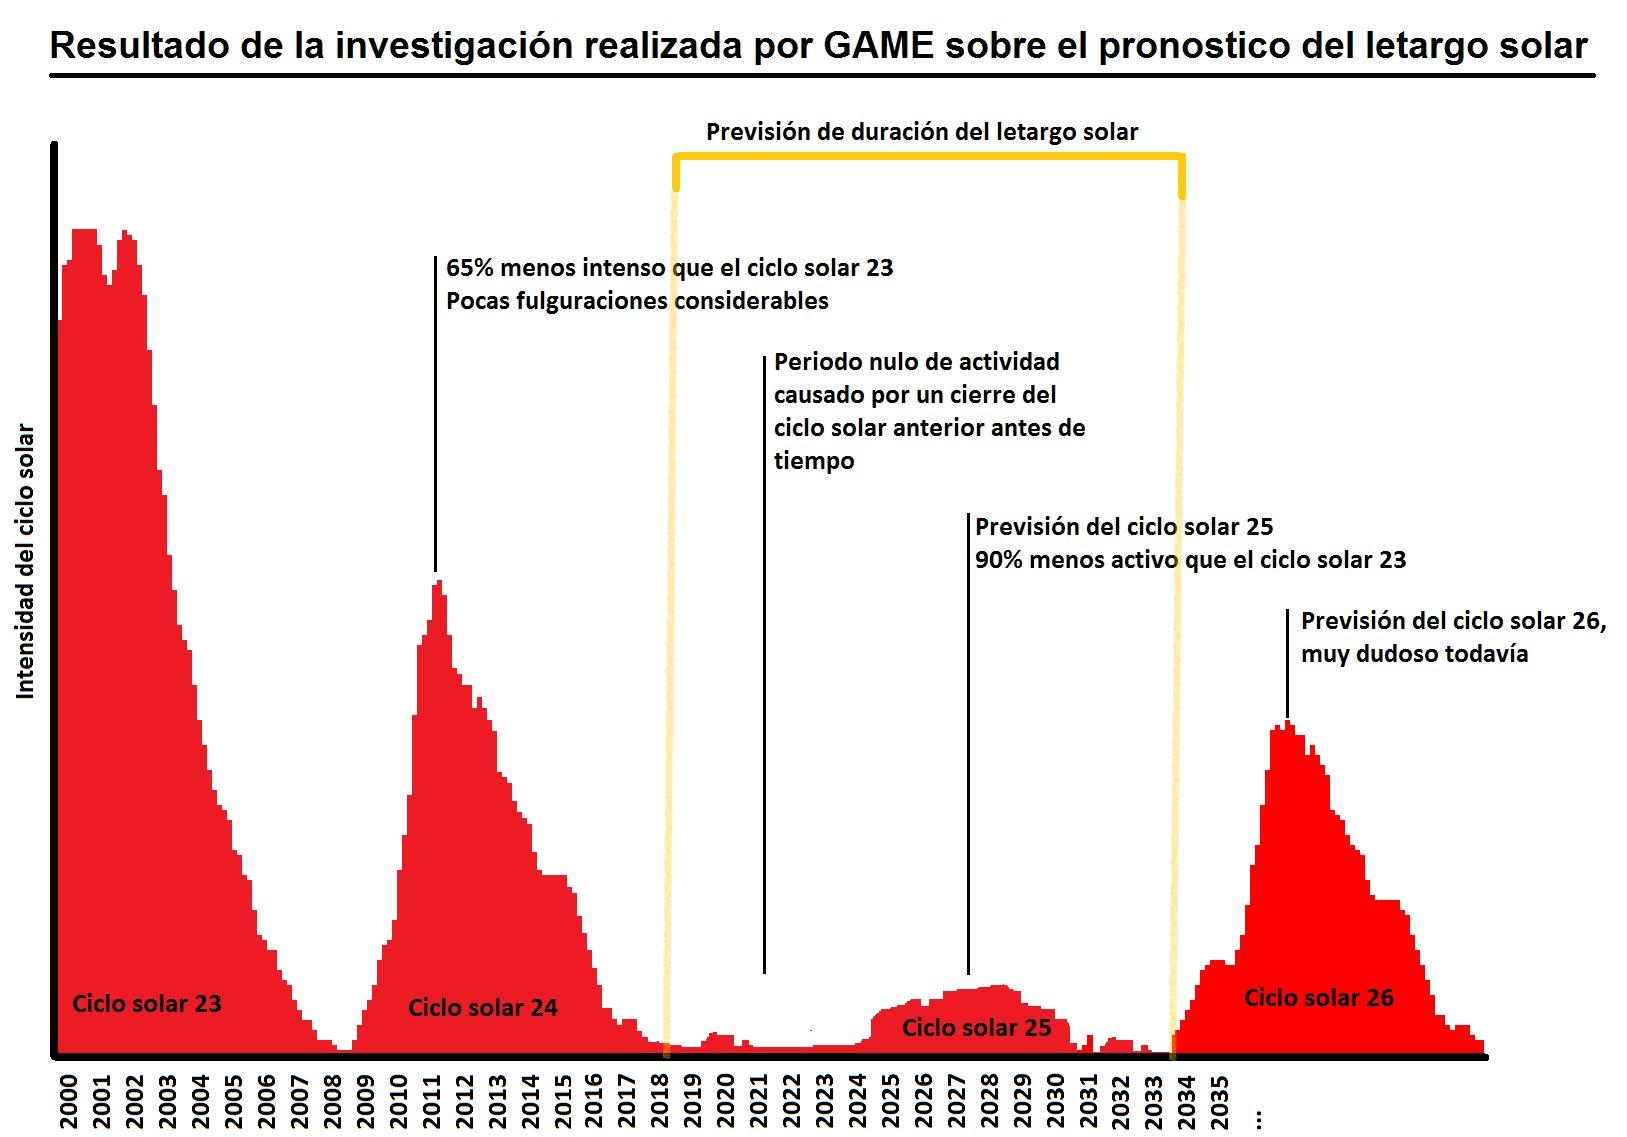 Comparativa últimos ciclos solares y previsión